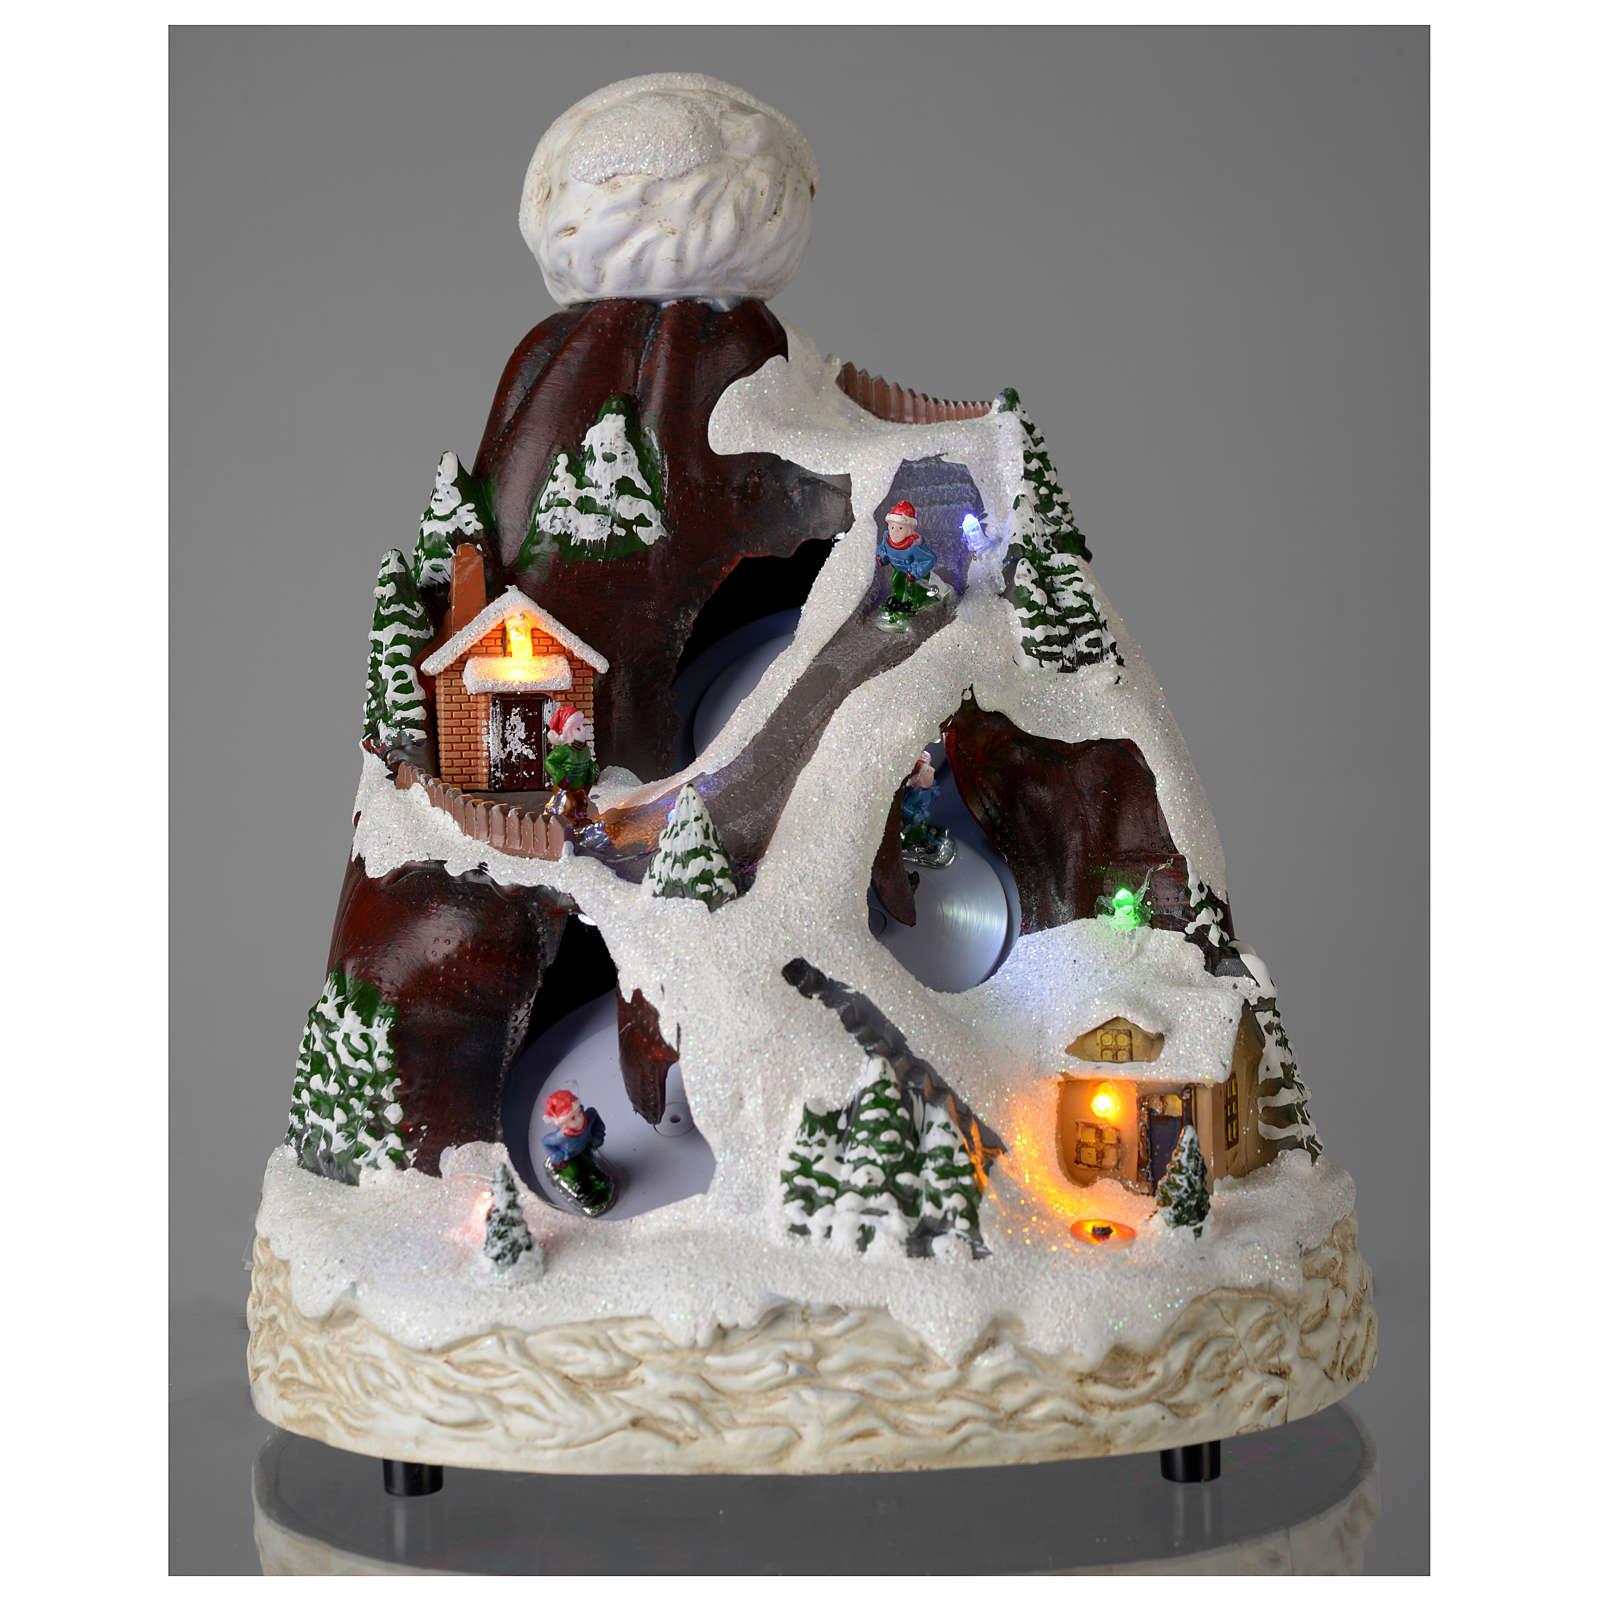 Village Noël bonnet lumière musique mouvement skieurs 24x19x19 cm 3